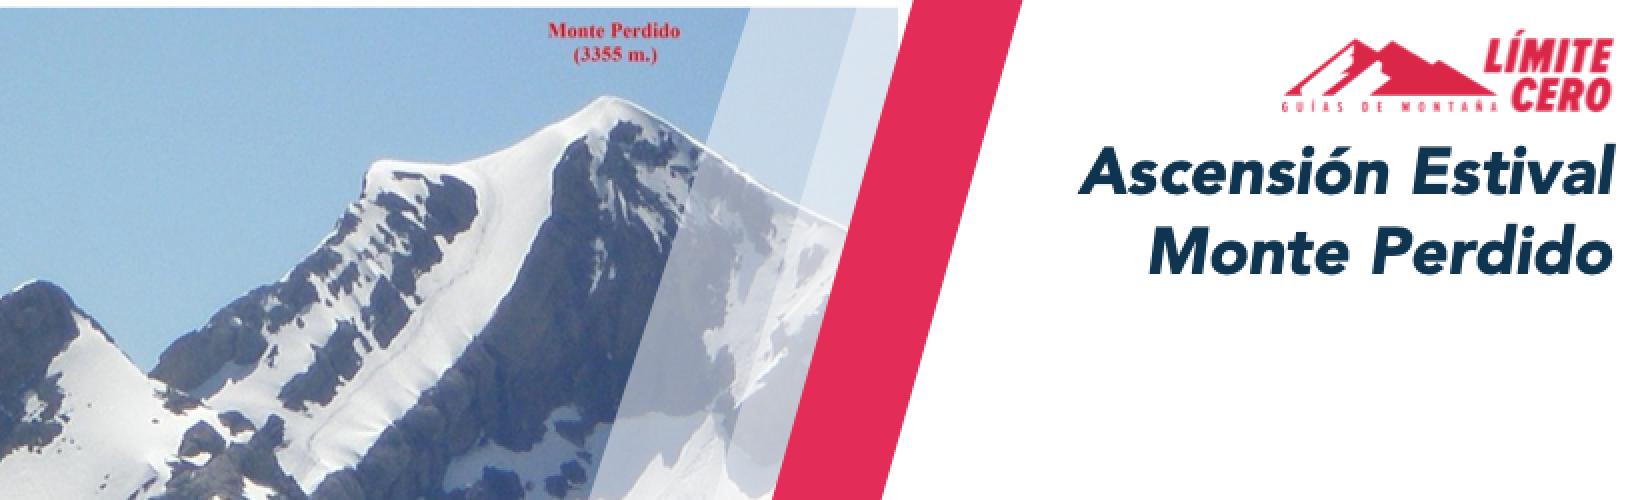 Ascension estival Monte Perdido